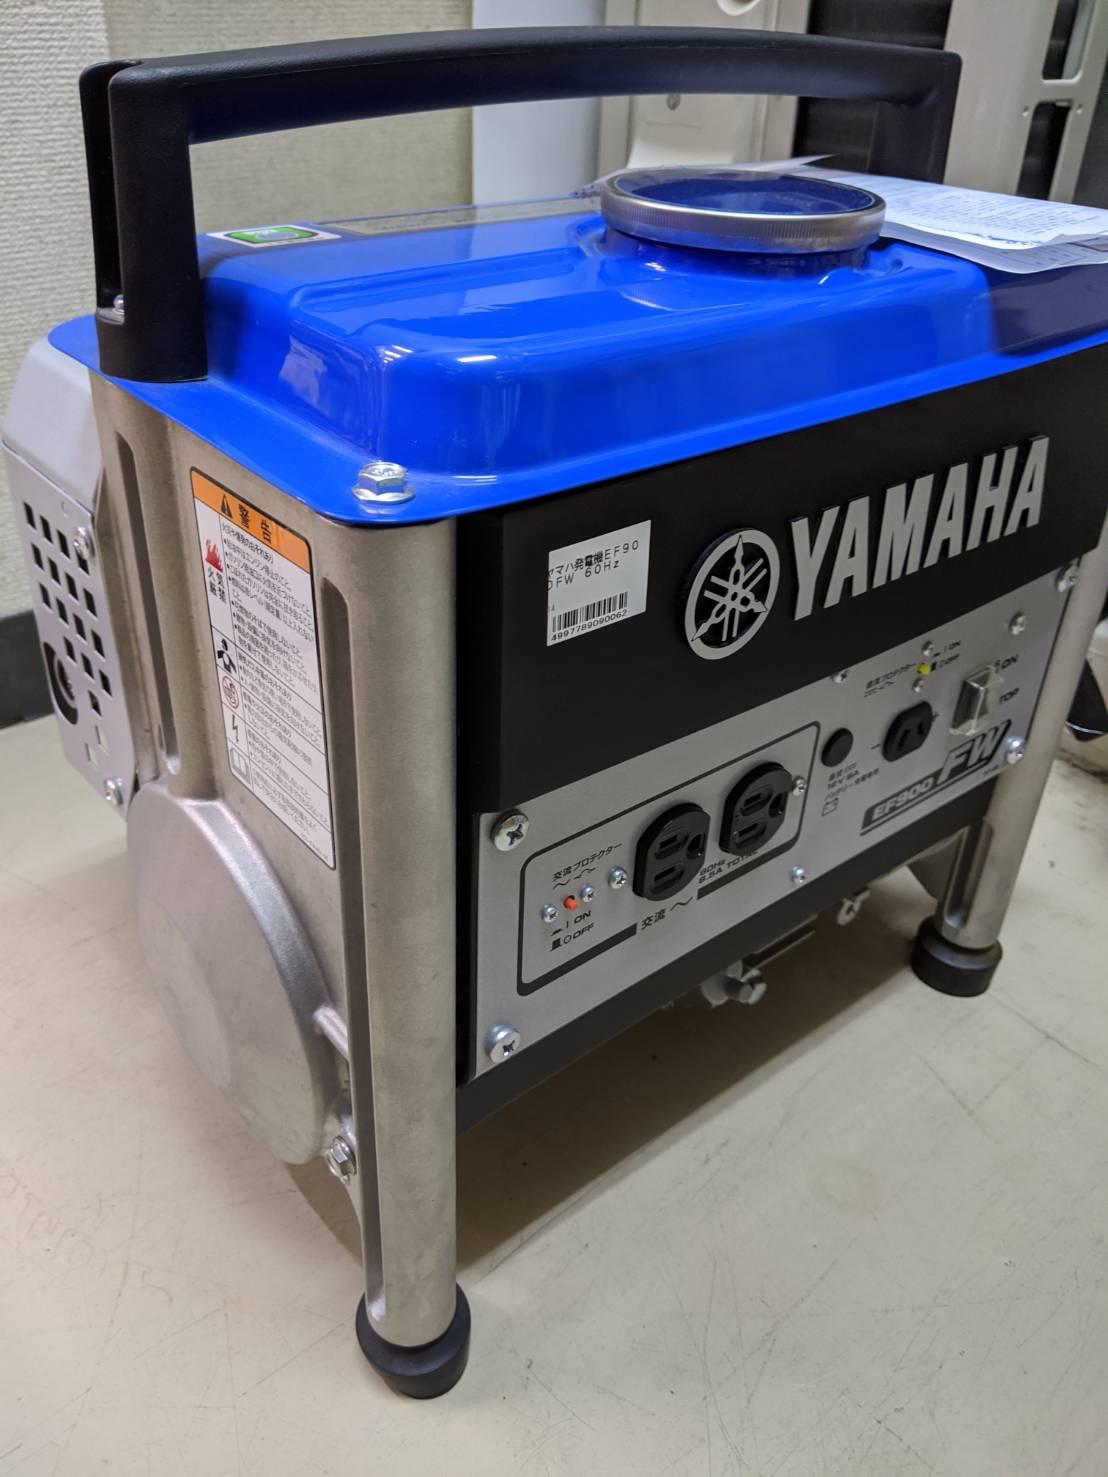 【YAMAHA ヤマハ 発電機 EF900FW 60Hz 0.85kVA 西日本地域専用 未使用品】を買取いたしました。の買取-